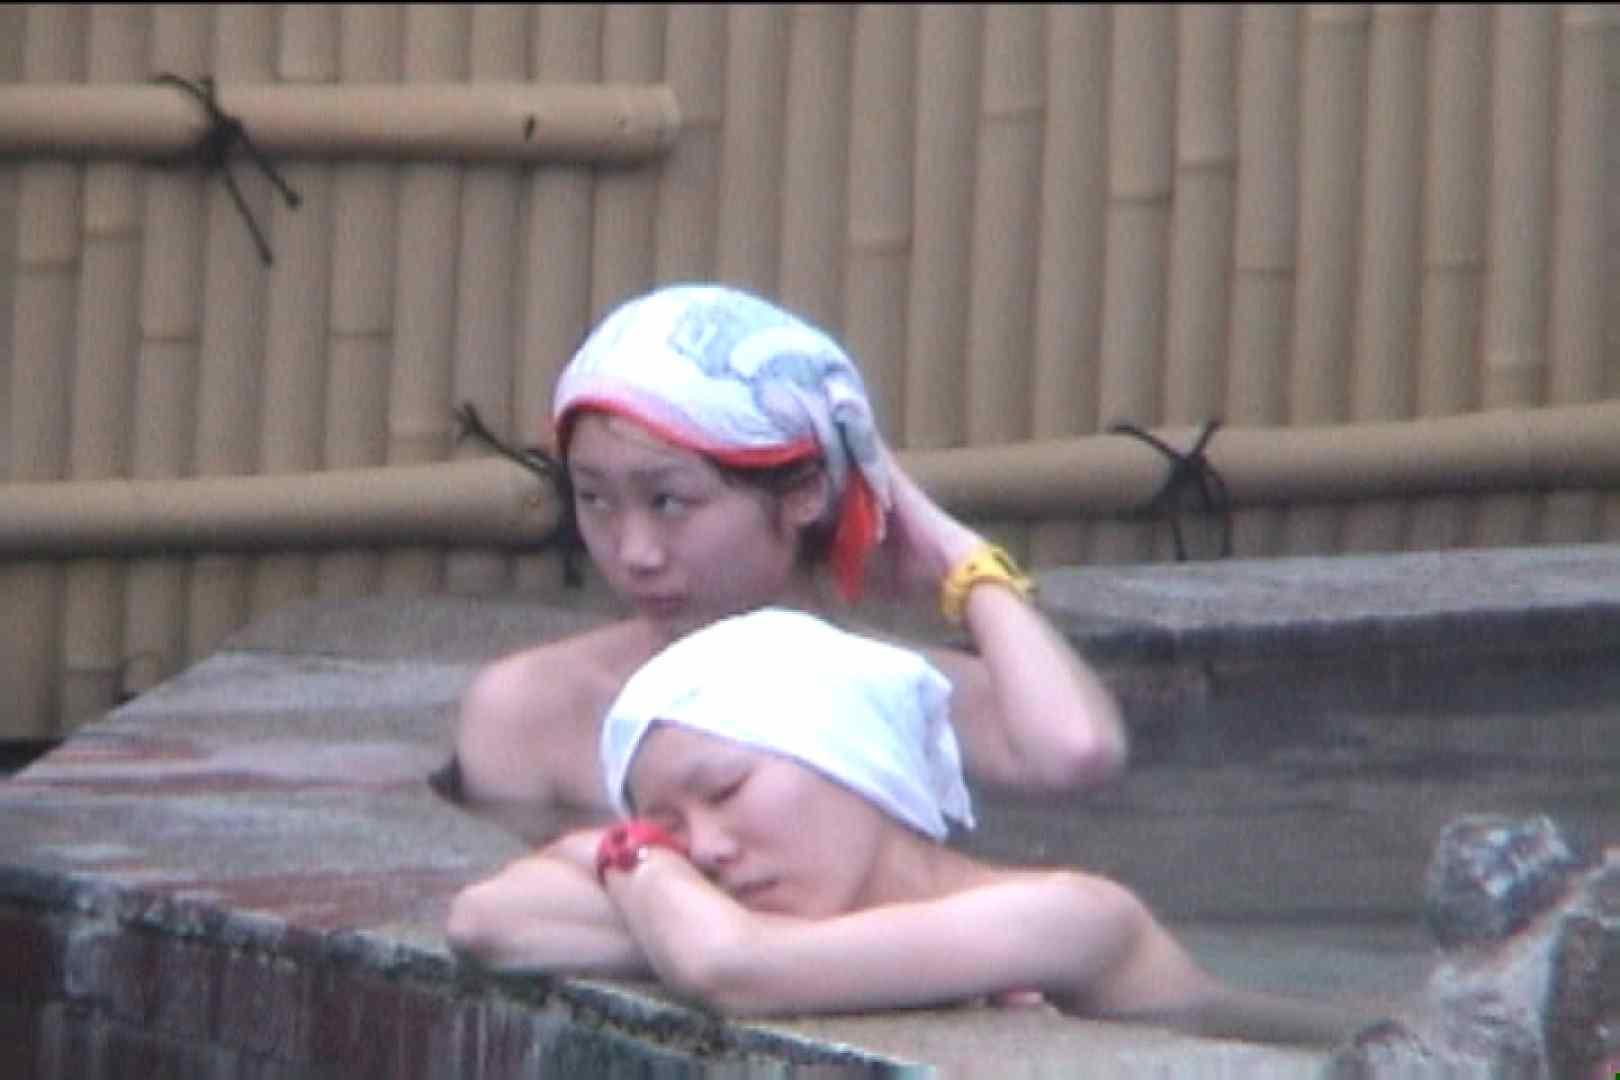 Aquaな露天風呂Vol.91【VIP限定】 盗撮師作品 | 美しいOLの裸体  77pic 37